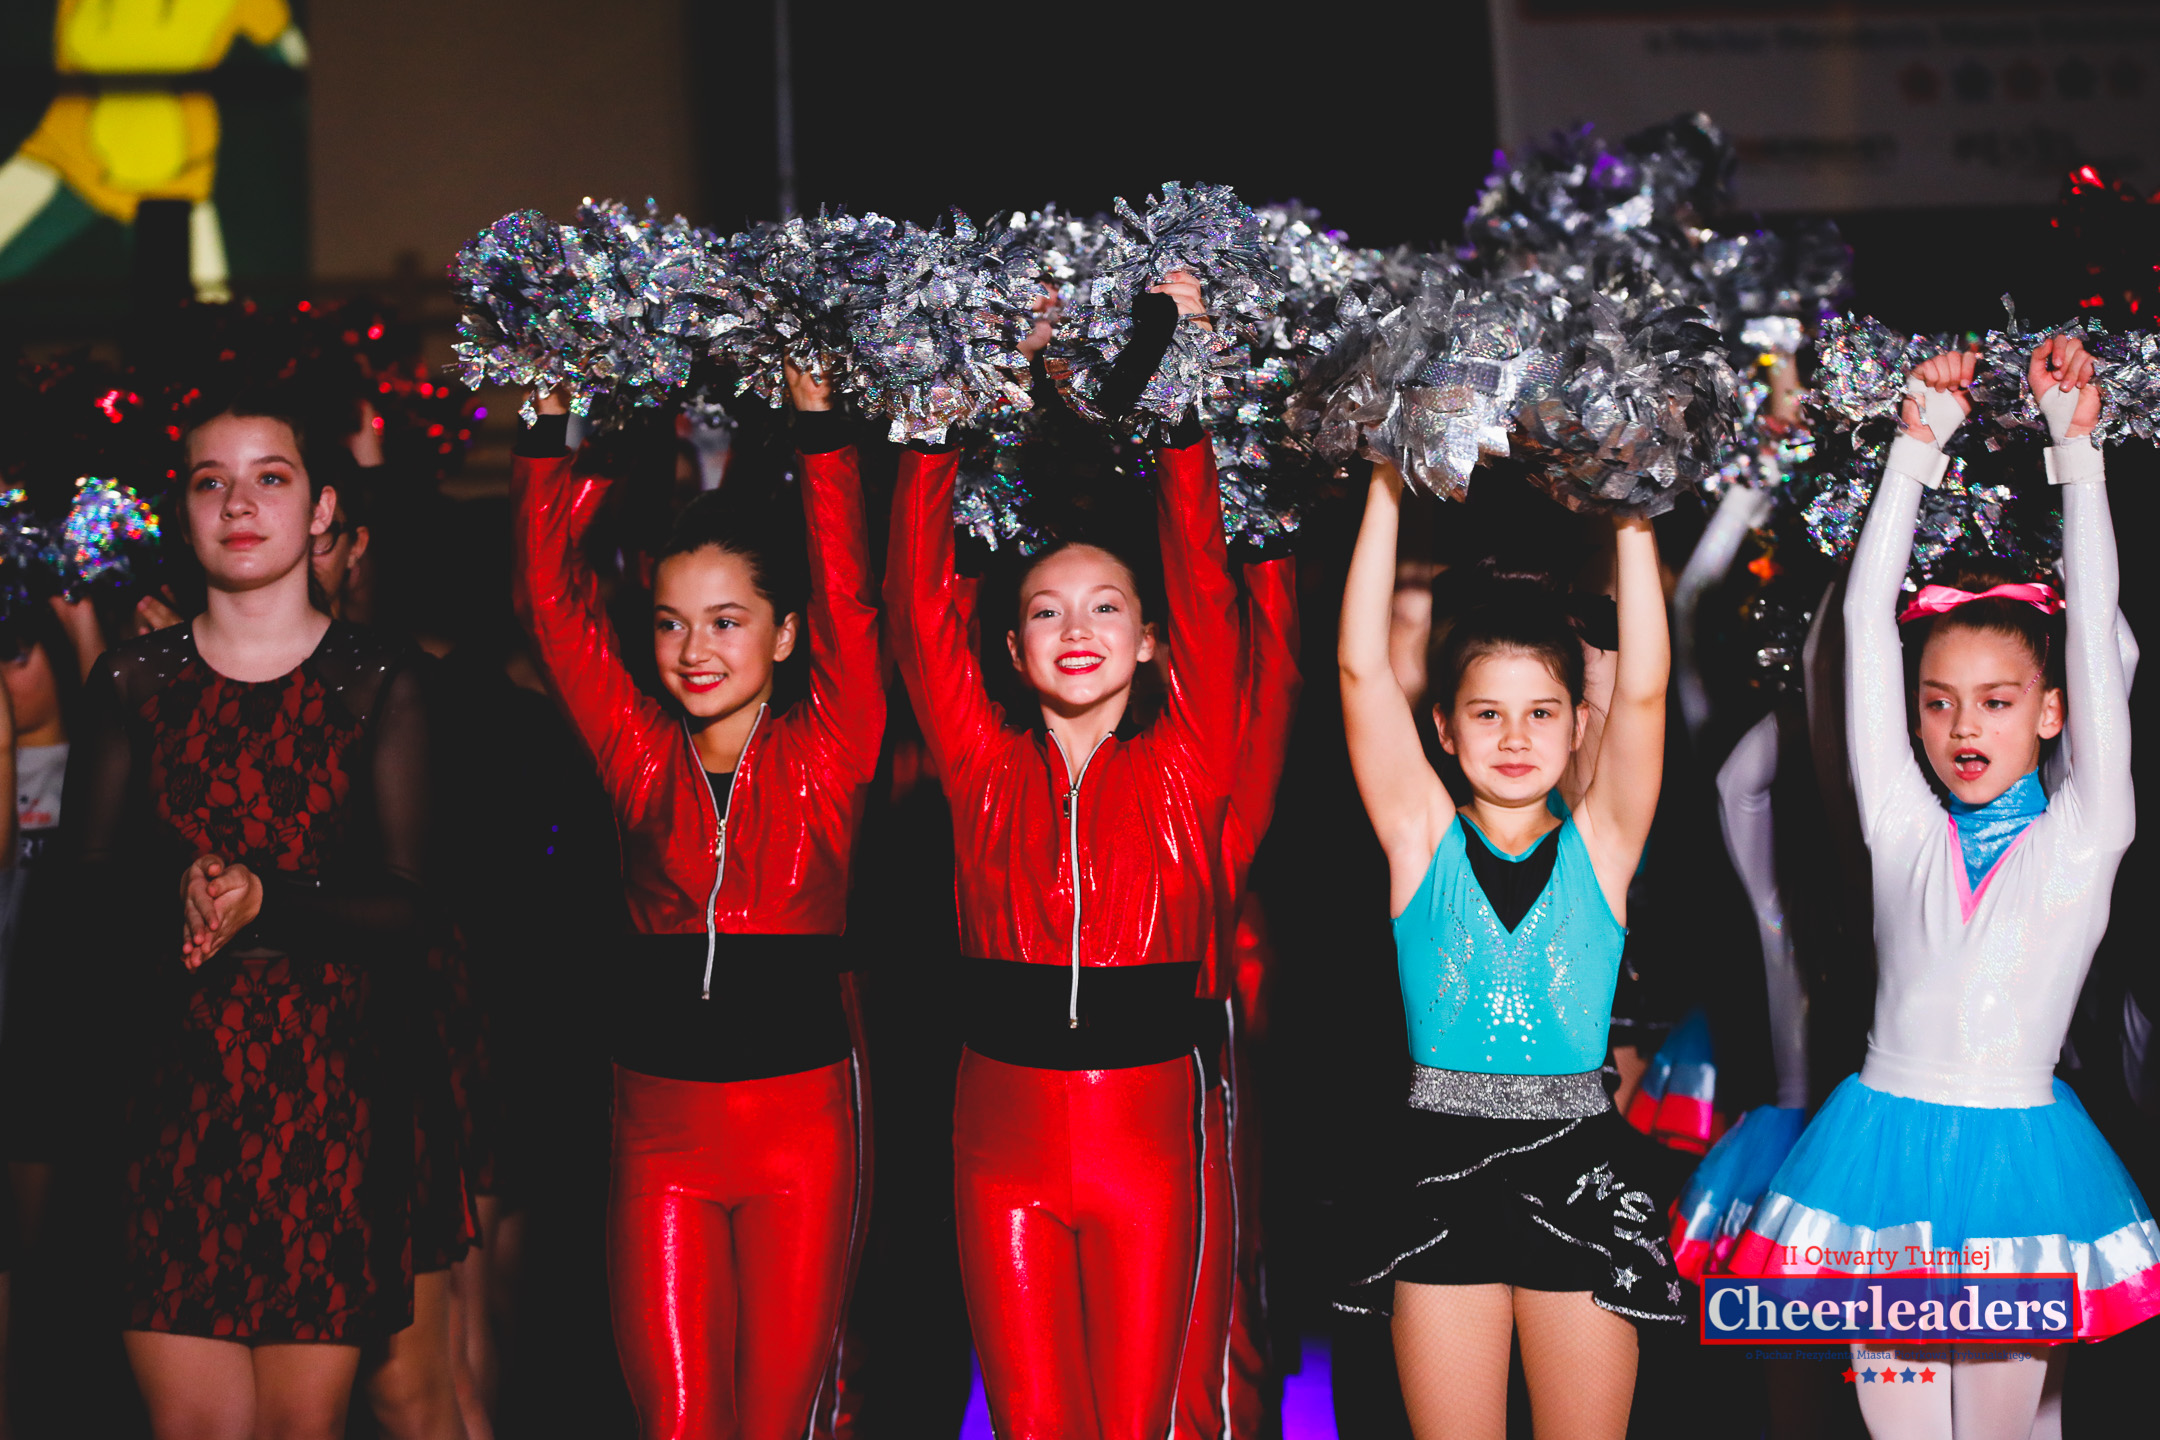 II Otwarty Turniej Cheerleaders o Puchar Prezydenta Miasta Piotrkowa Trybunalskiego